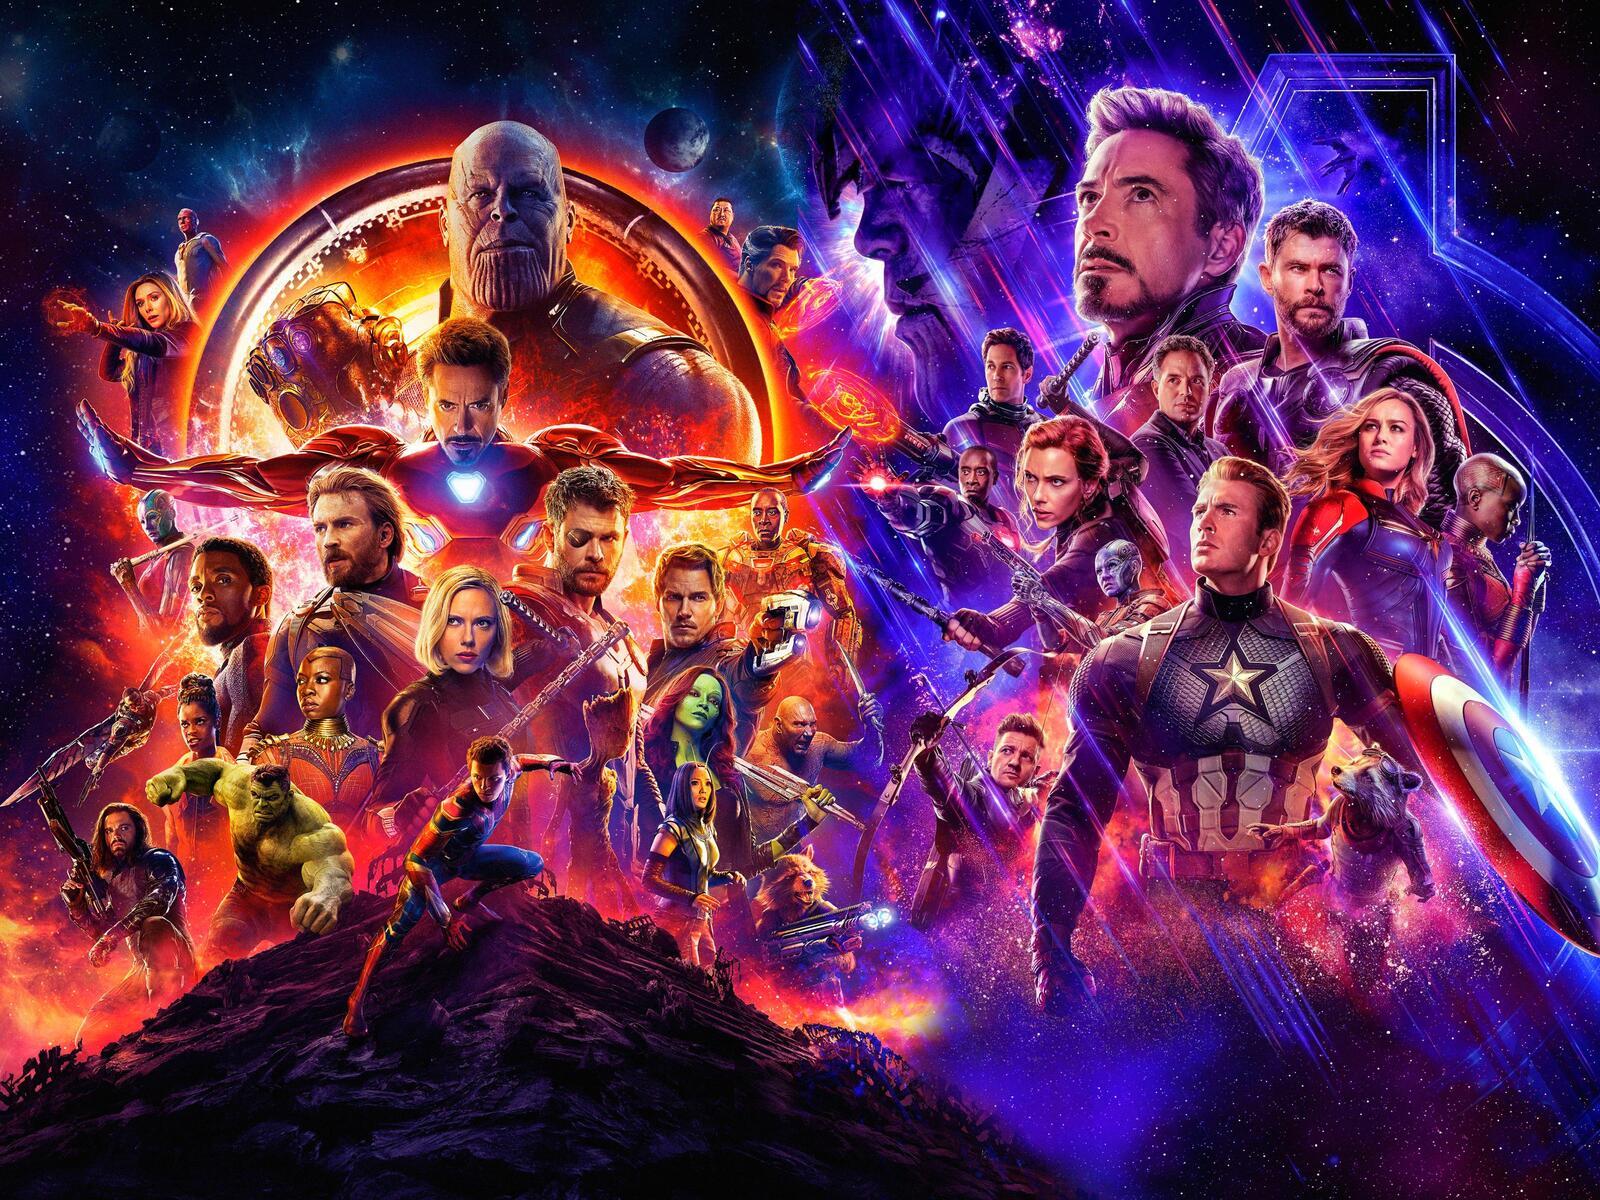 avengers-infinity-war-and-endgame-poster-w7.jpg